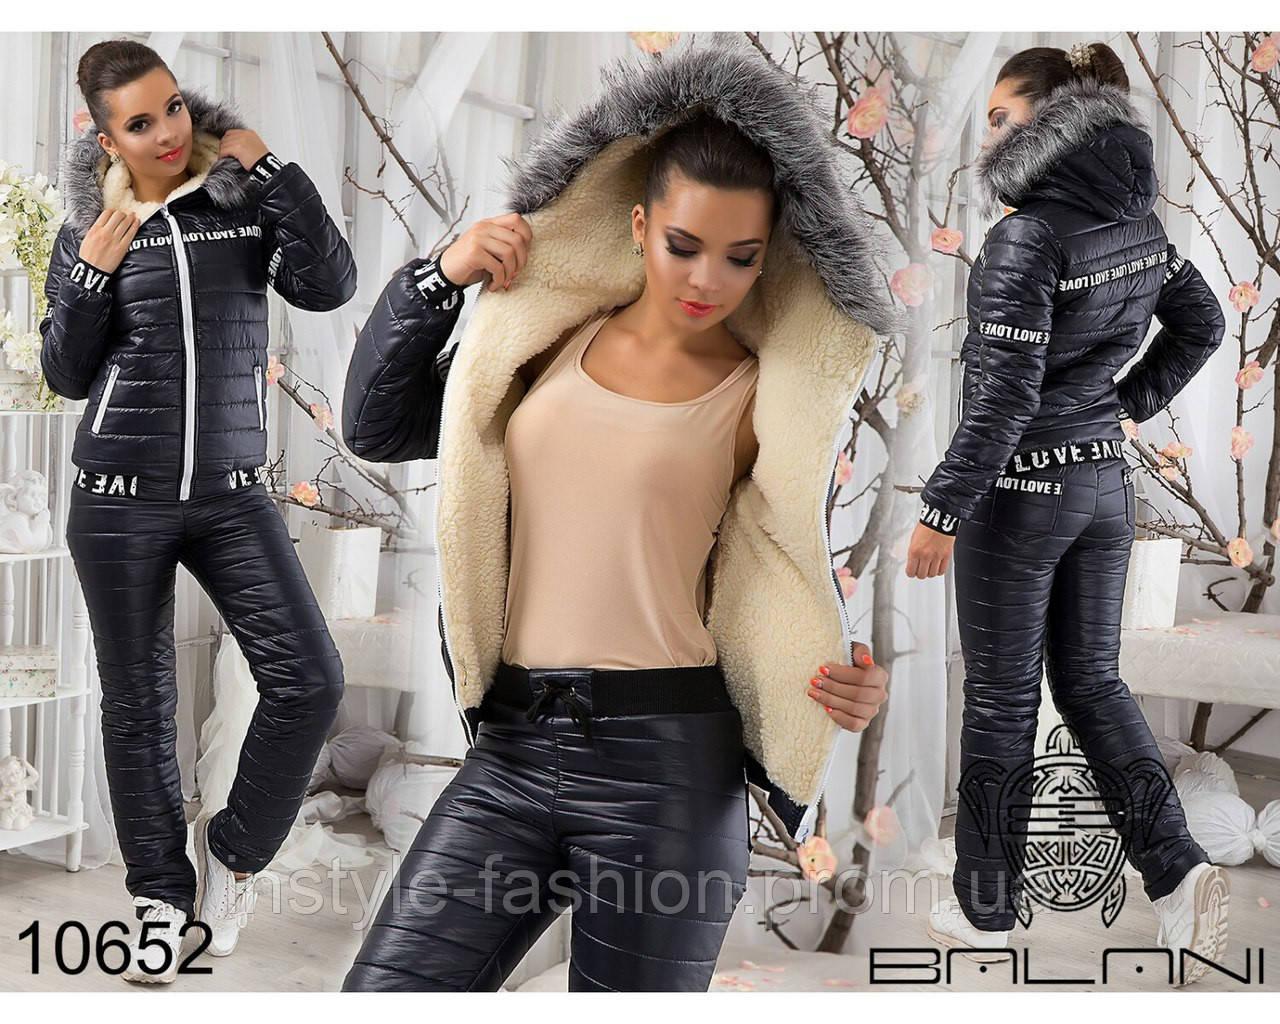 Теплый костюм до 48 размера плащевка на сентипоне подклад мех овчина цвет черный